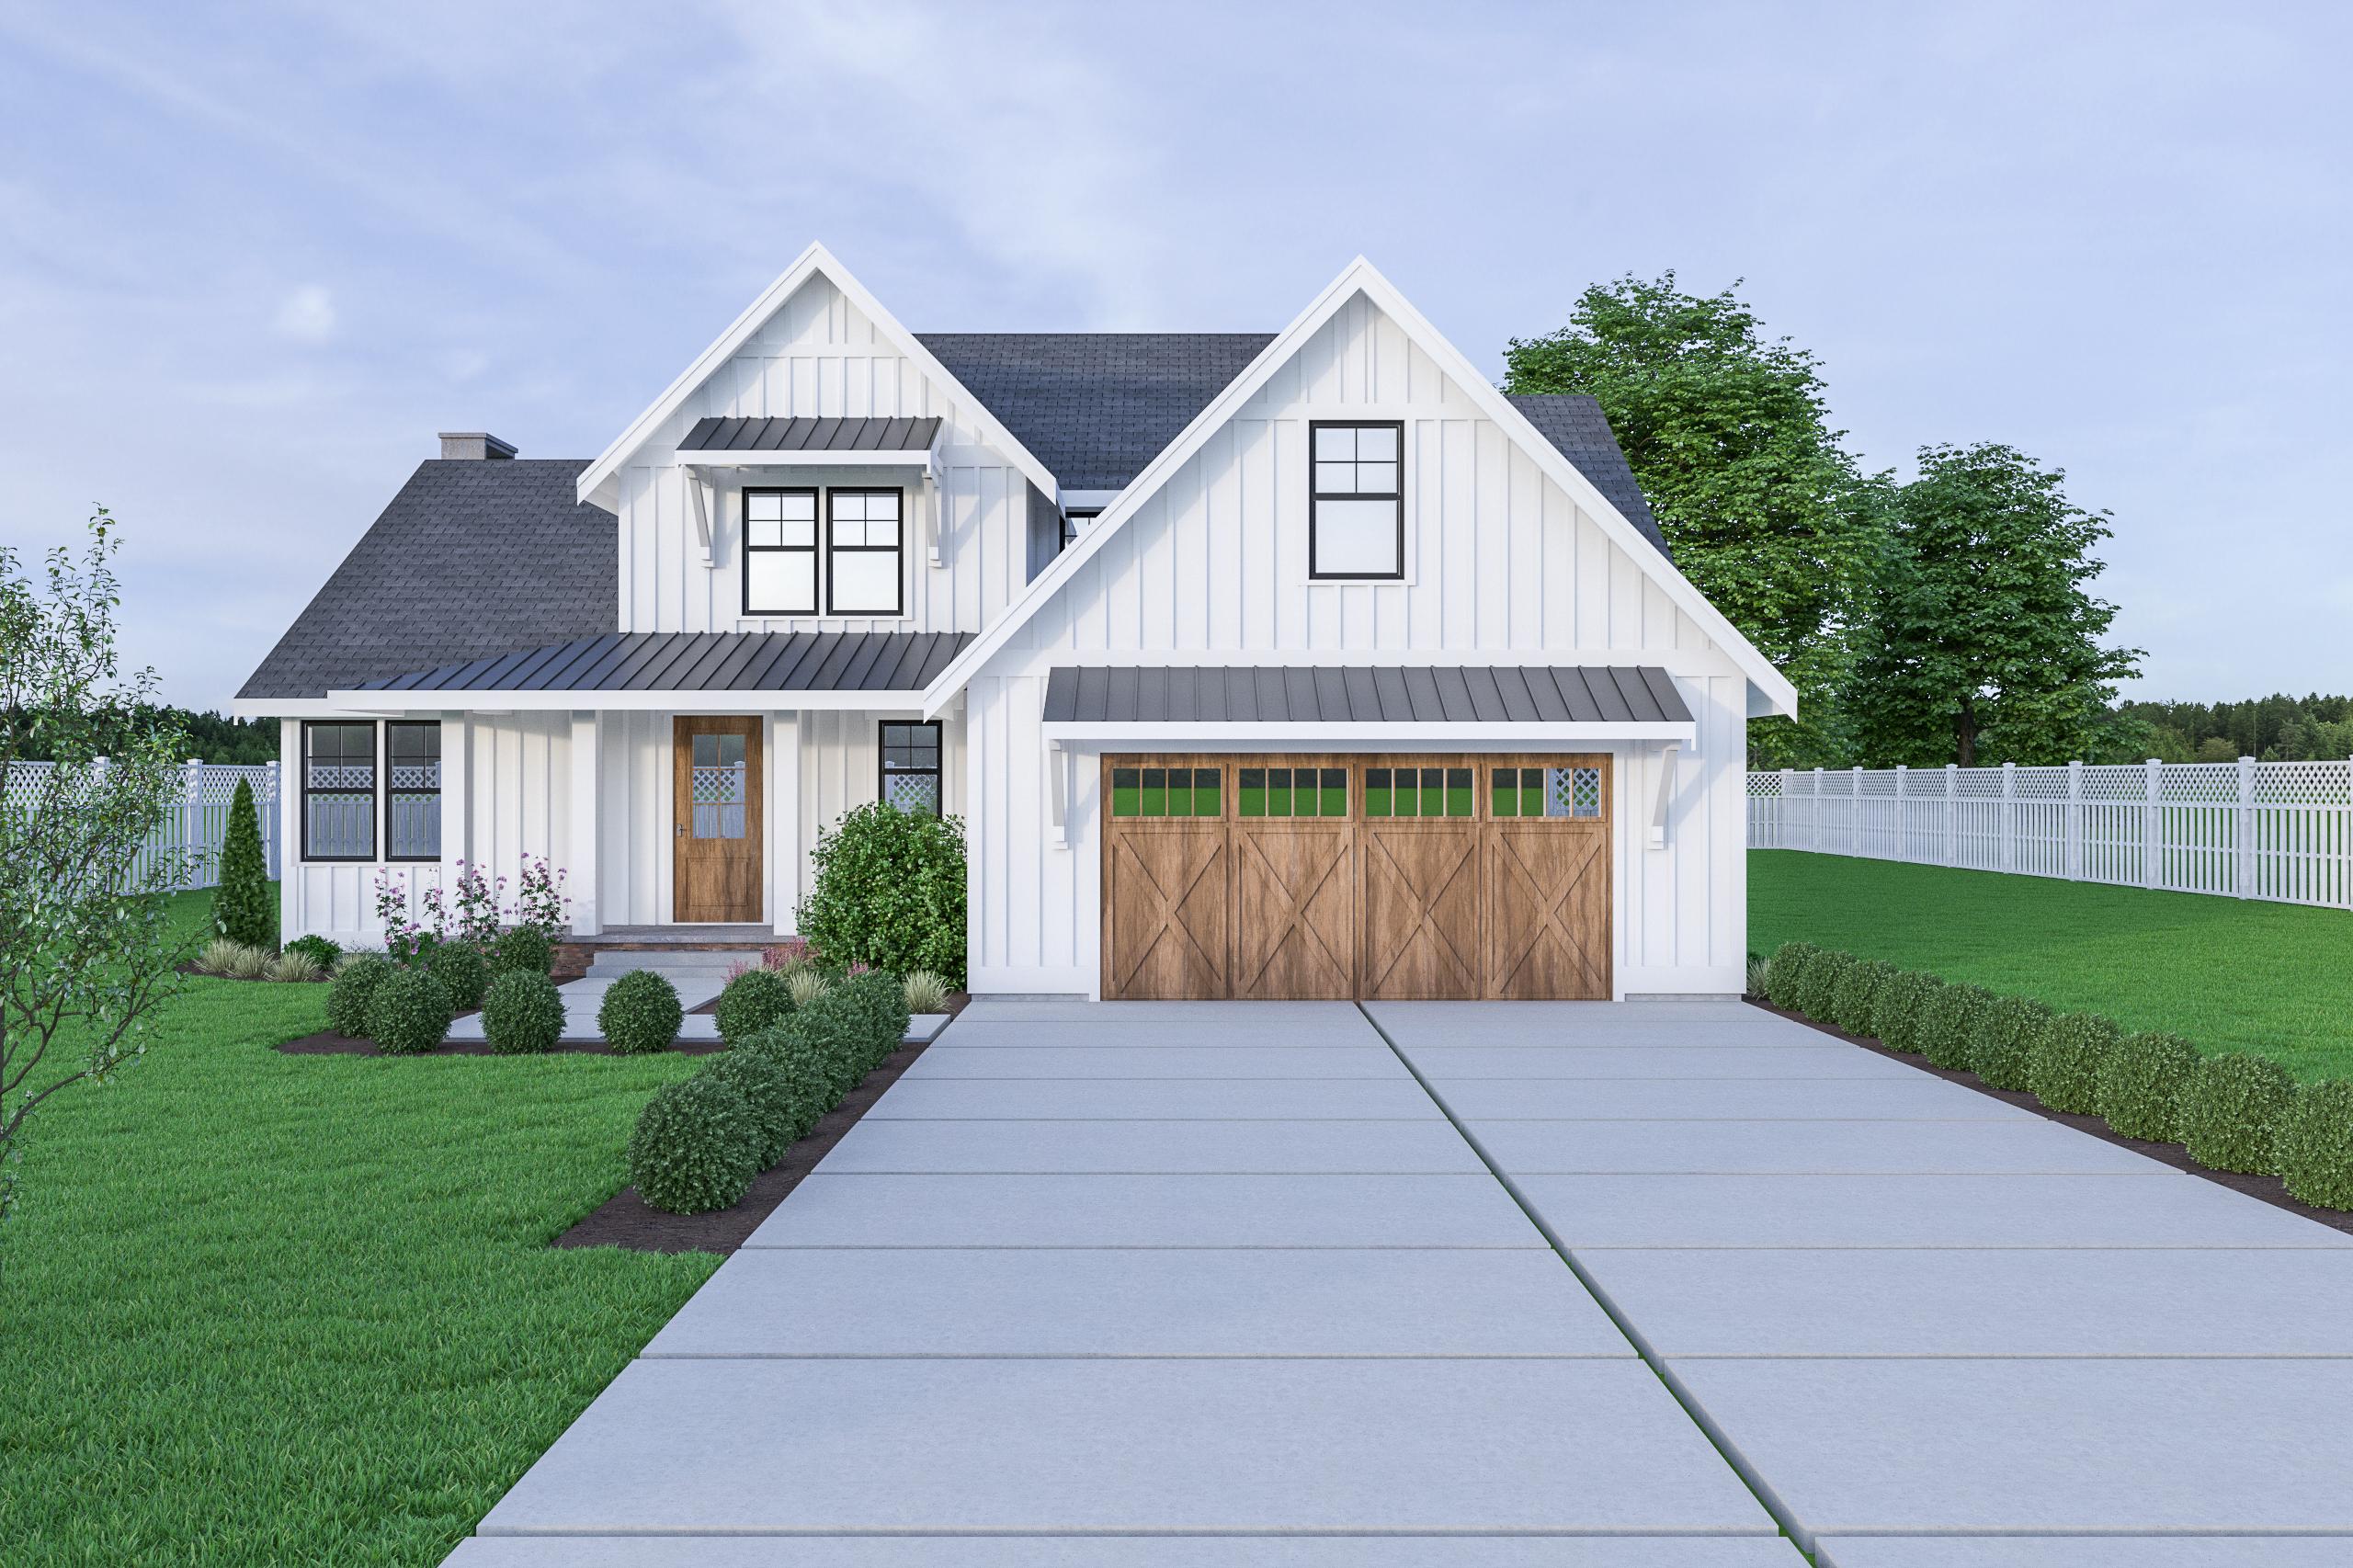 Contemporary Farmhouse 810 17-164